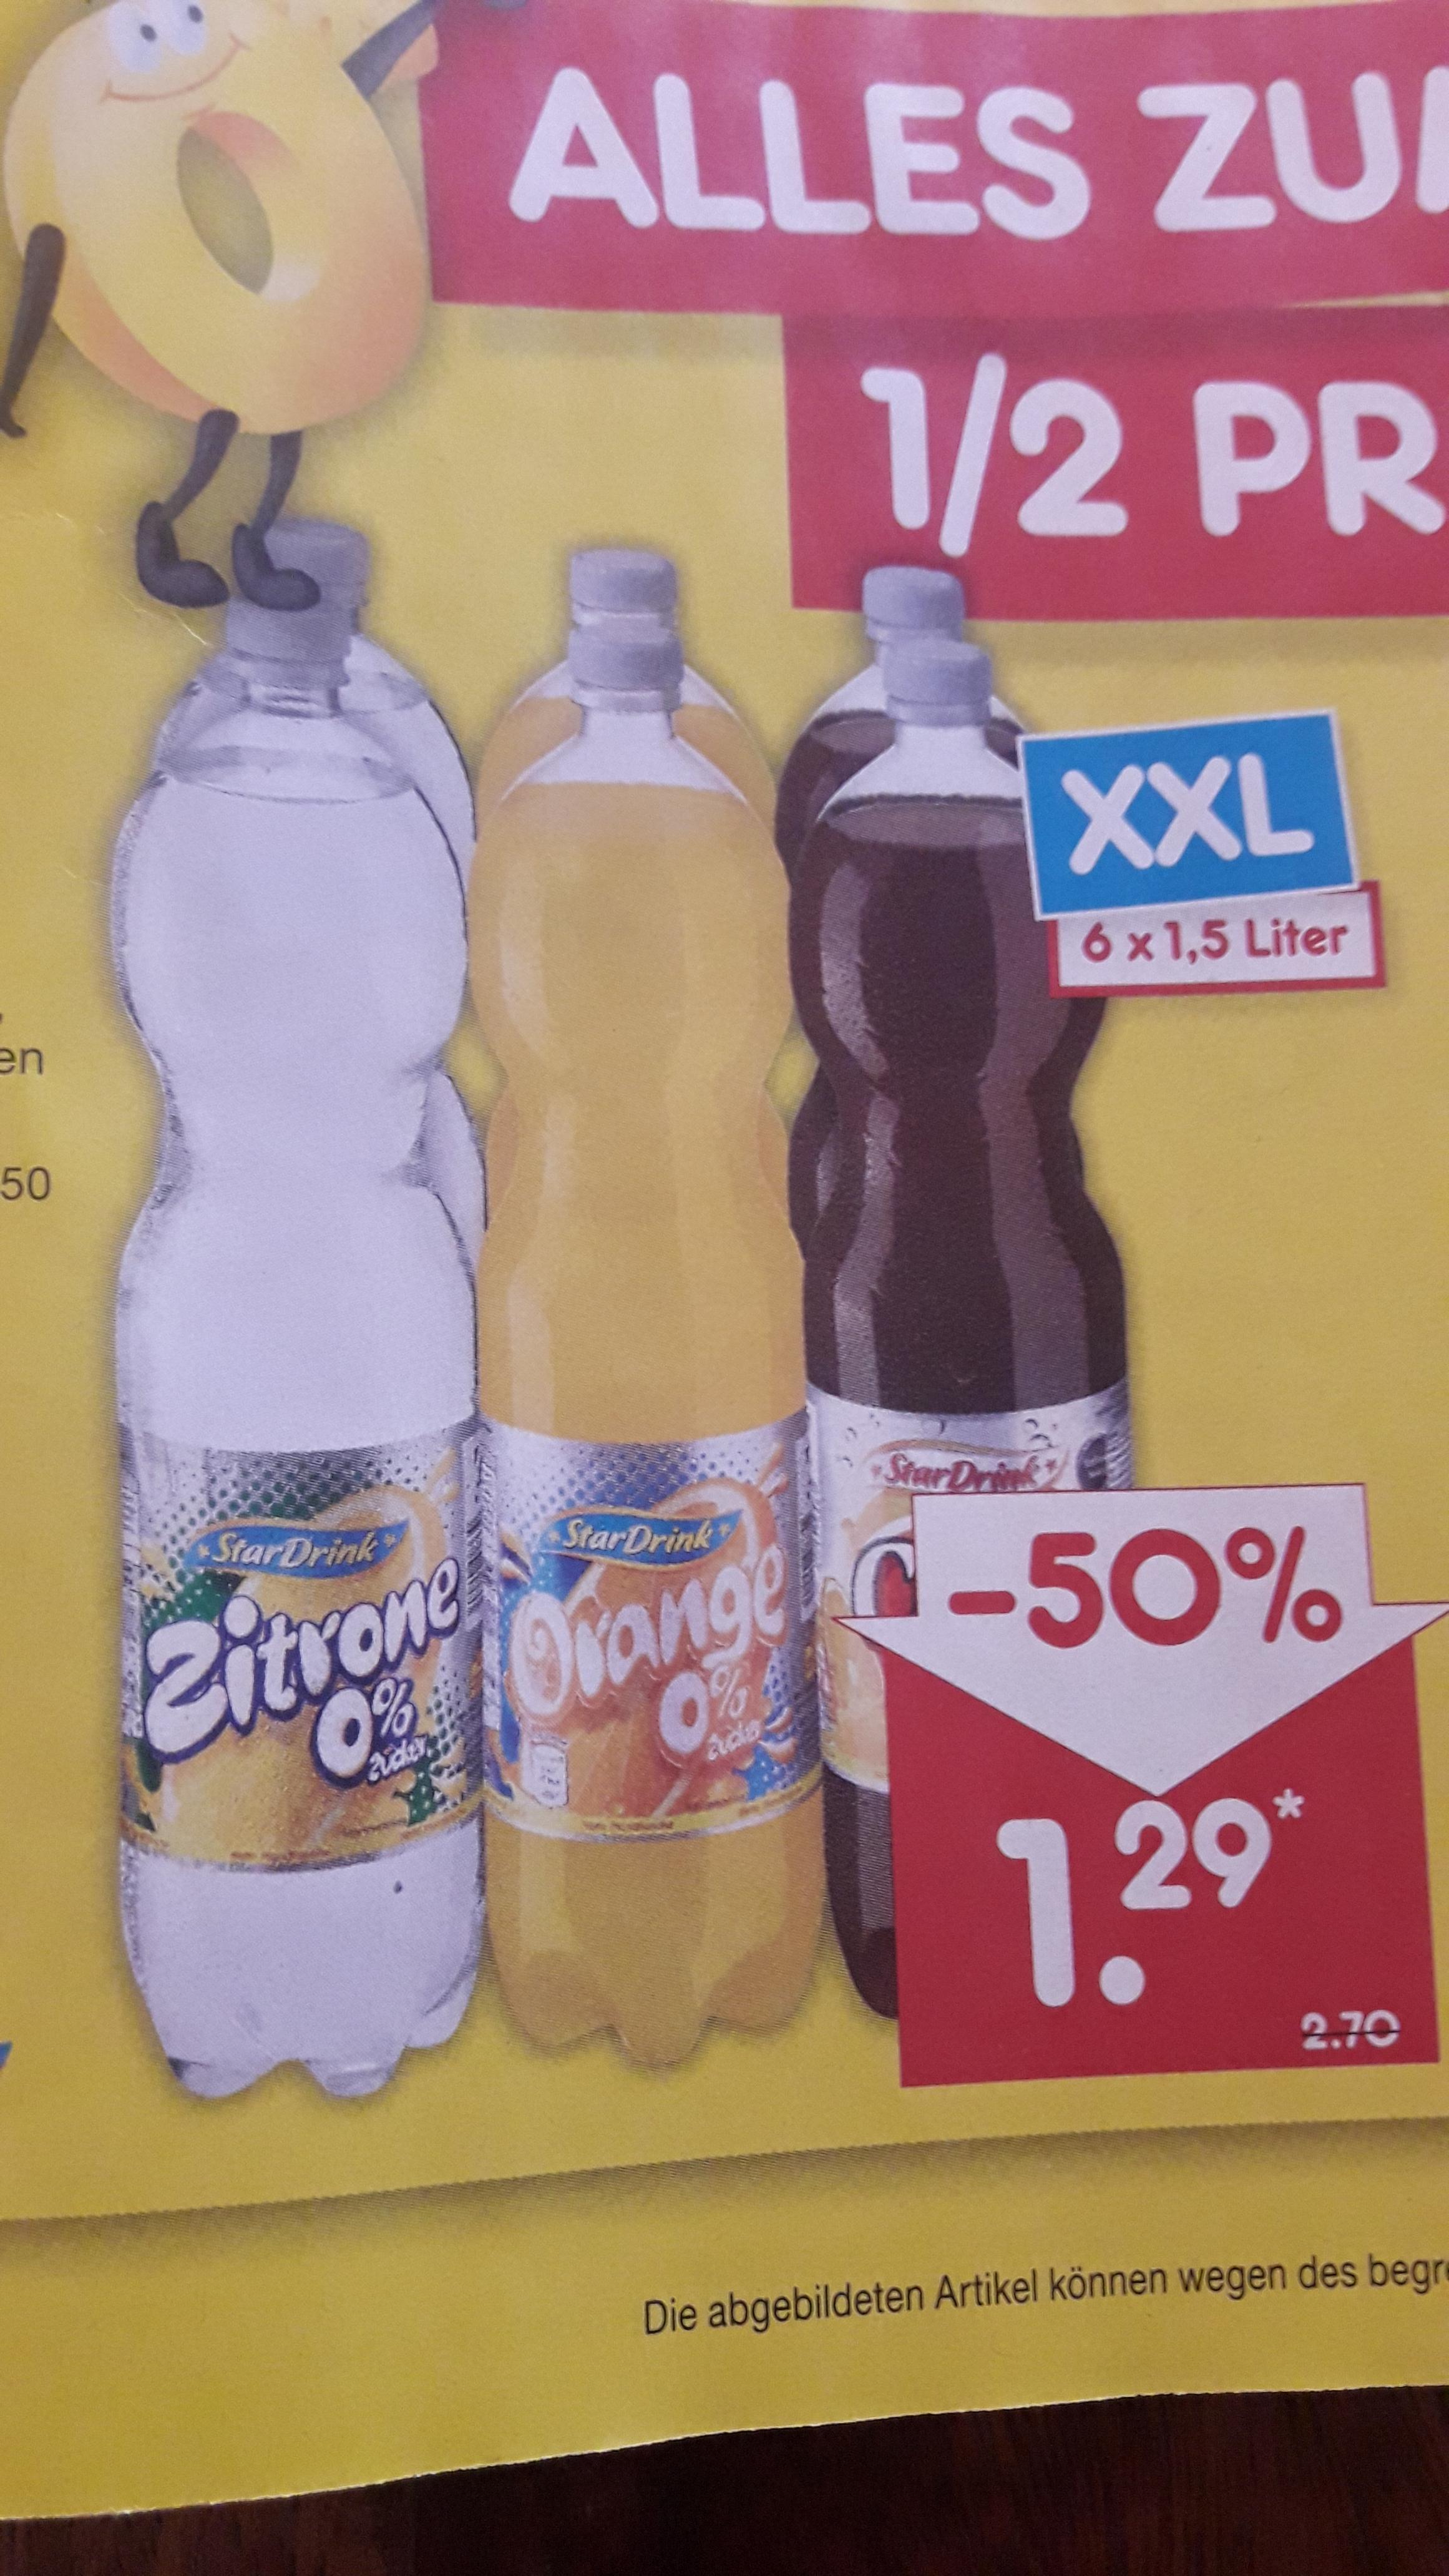 Netto MD: 50 % auf alle Sechser Pack der Eigenmarke Stardrink 0 % Zucker je 6 x 1,5 Liter Flasche Cola , Orange und Zitrone excl. Pfand